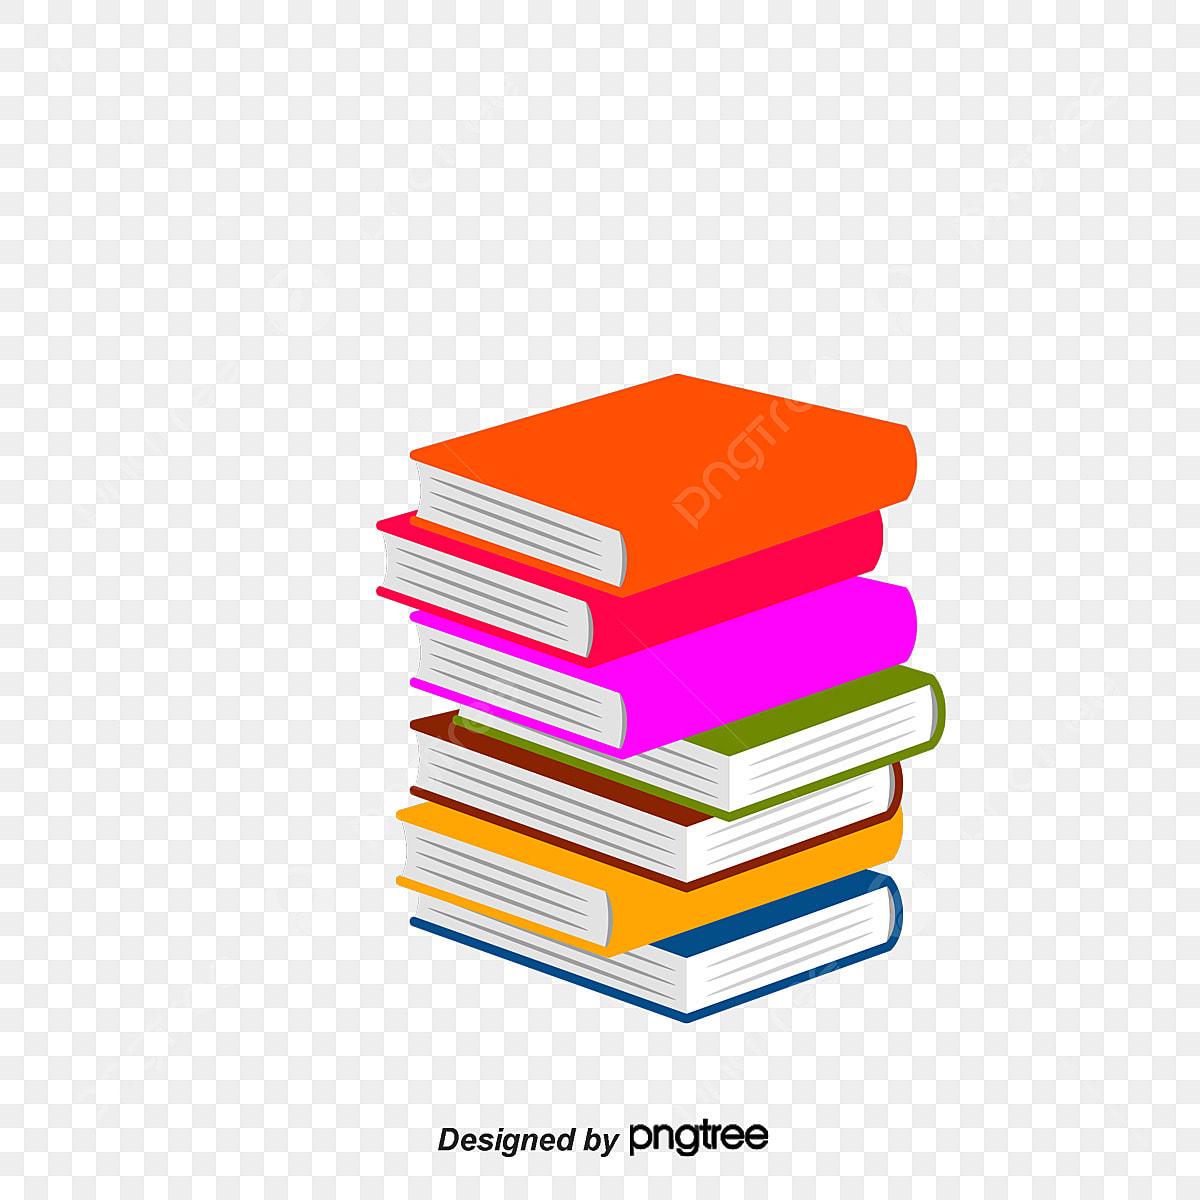 無料ダウンロードのための用紙ノート 紙ノート素材無料ダウンロード Png